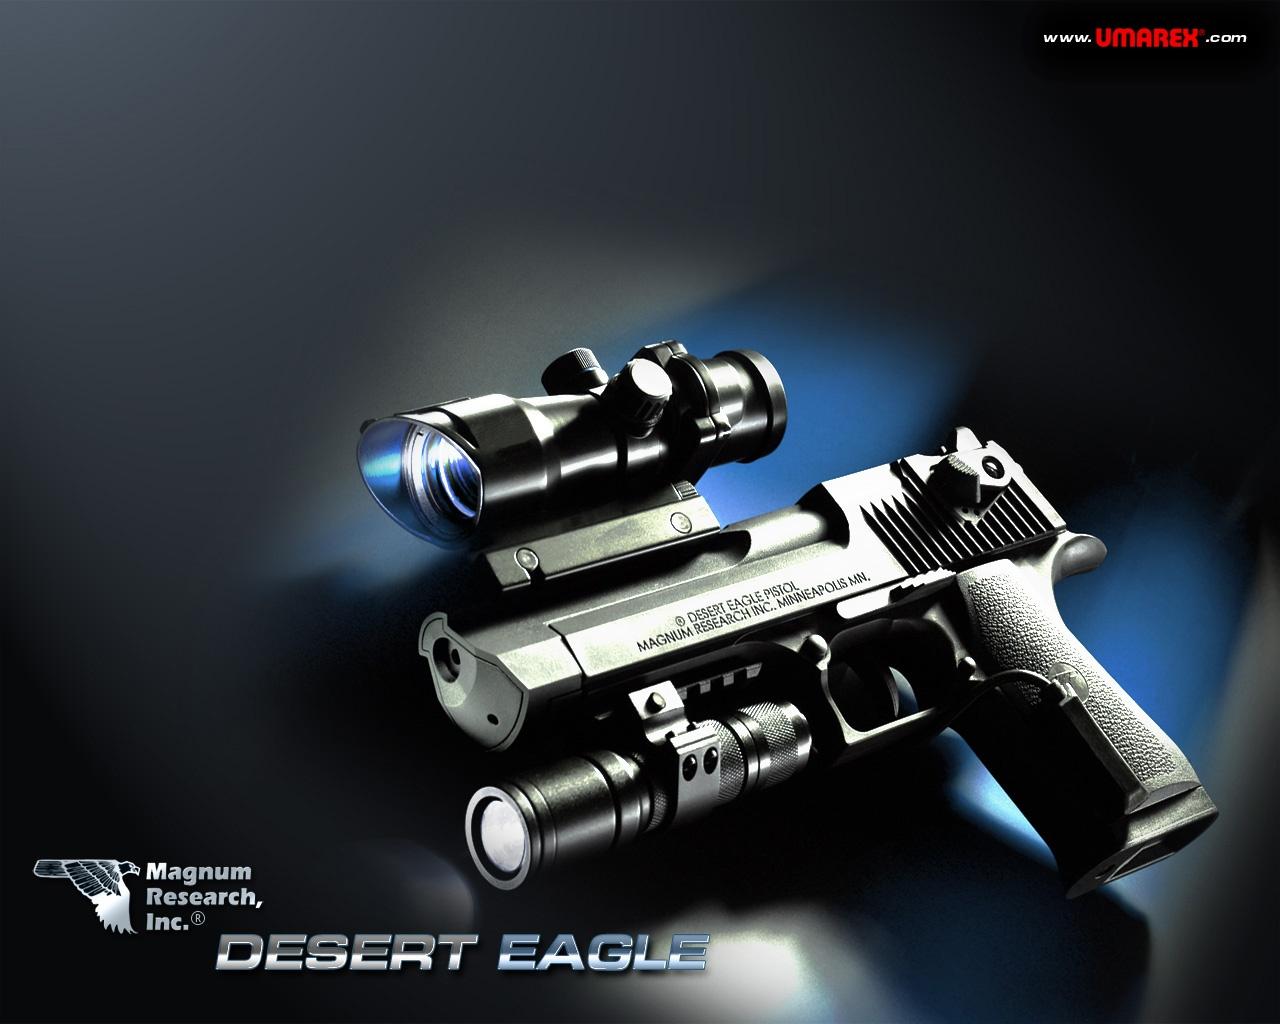 http://3.bp.blogspot.com/-wXZISIZUlmY/TnNTV-rnlvI/AAAAAAAAA4s/0vz20-RYC00/s1600/desert_eagle-1280x1024.jpg